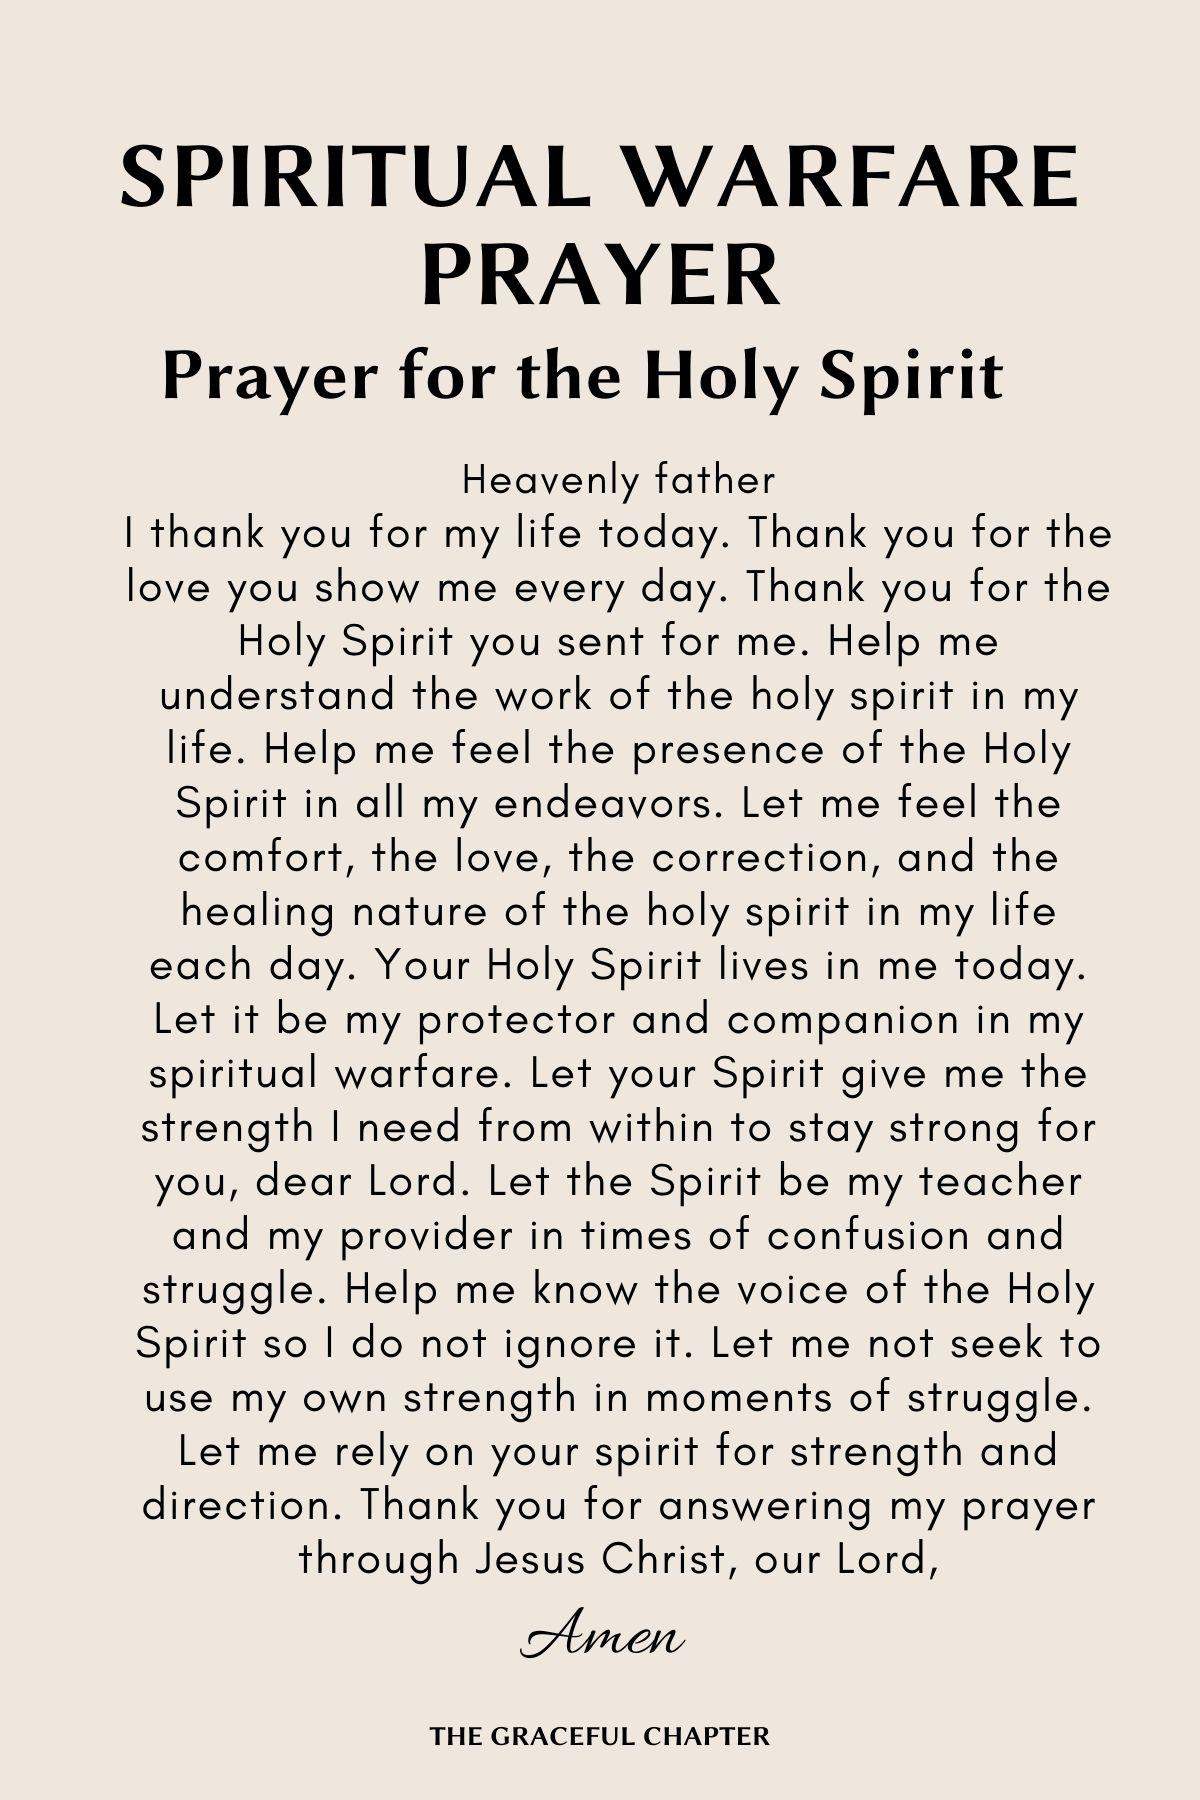 Prayer for the holy spirit